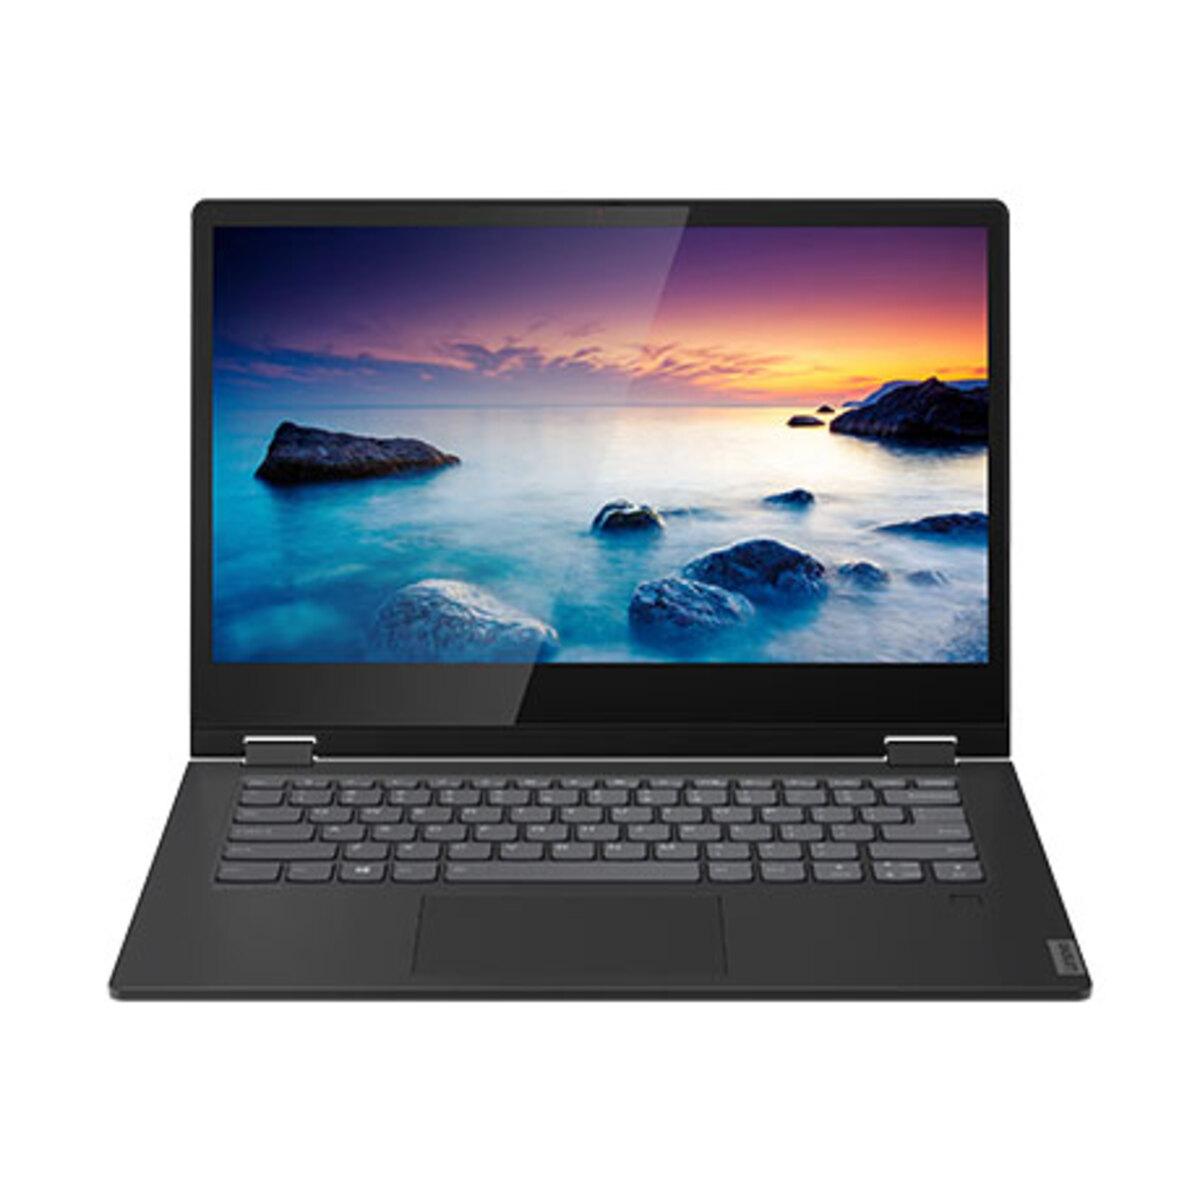 Bild 3 von Convertible-Notebook LENOVO IDEAPAD C3401